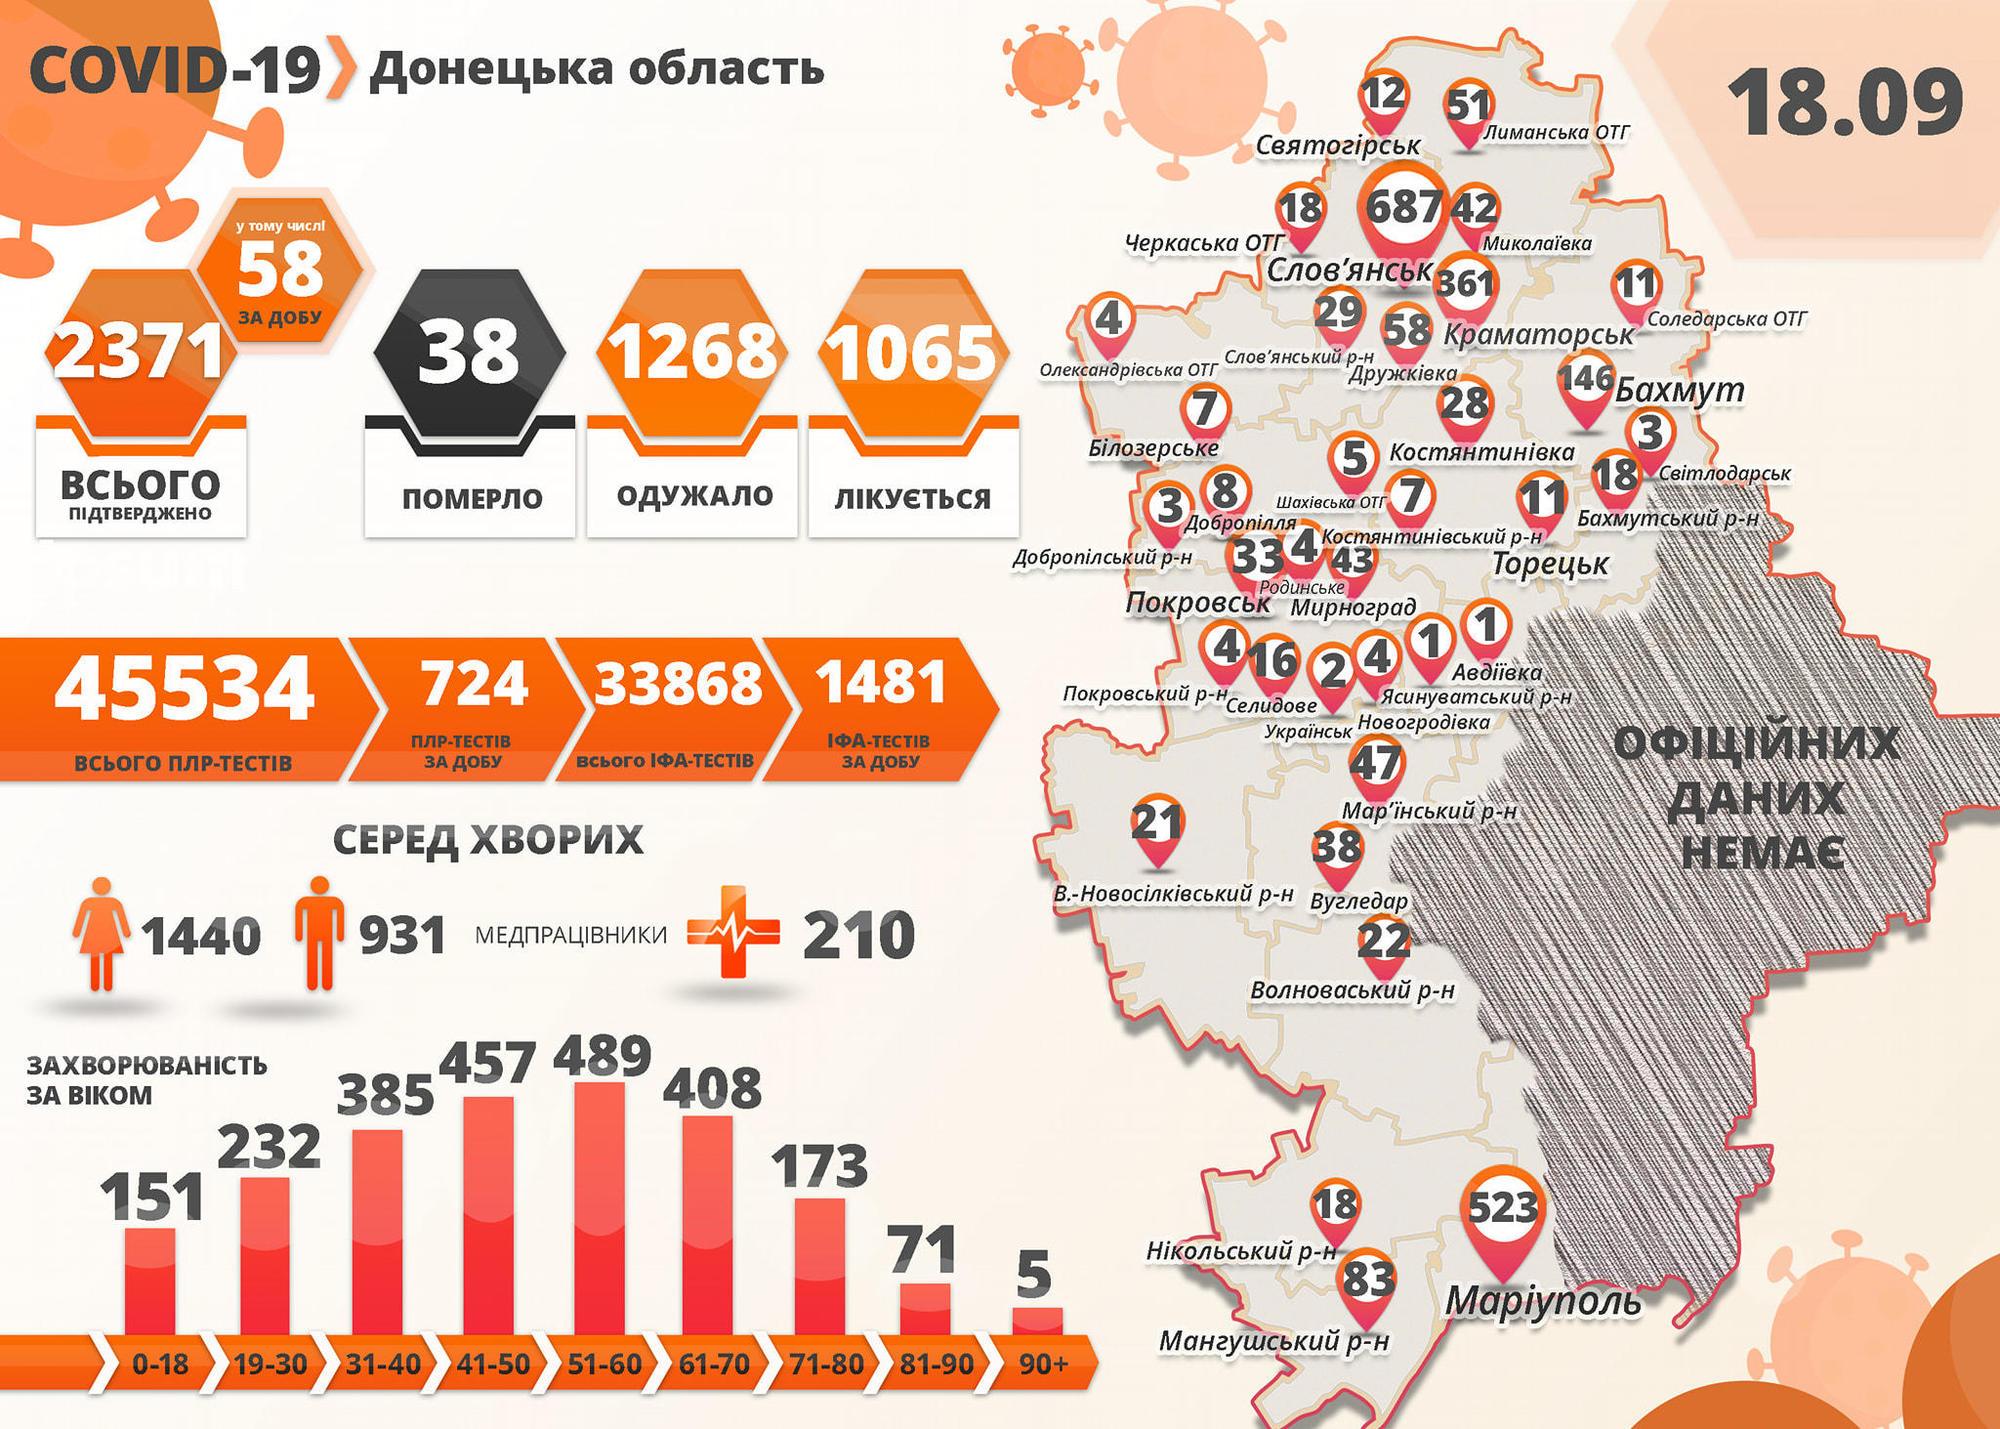 коронавірус статистика Донецька область кількість хворих на 19 вересня